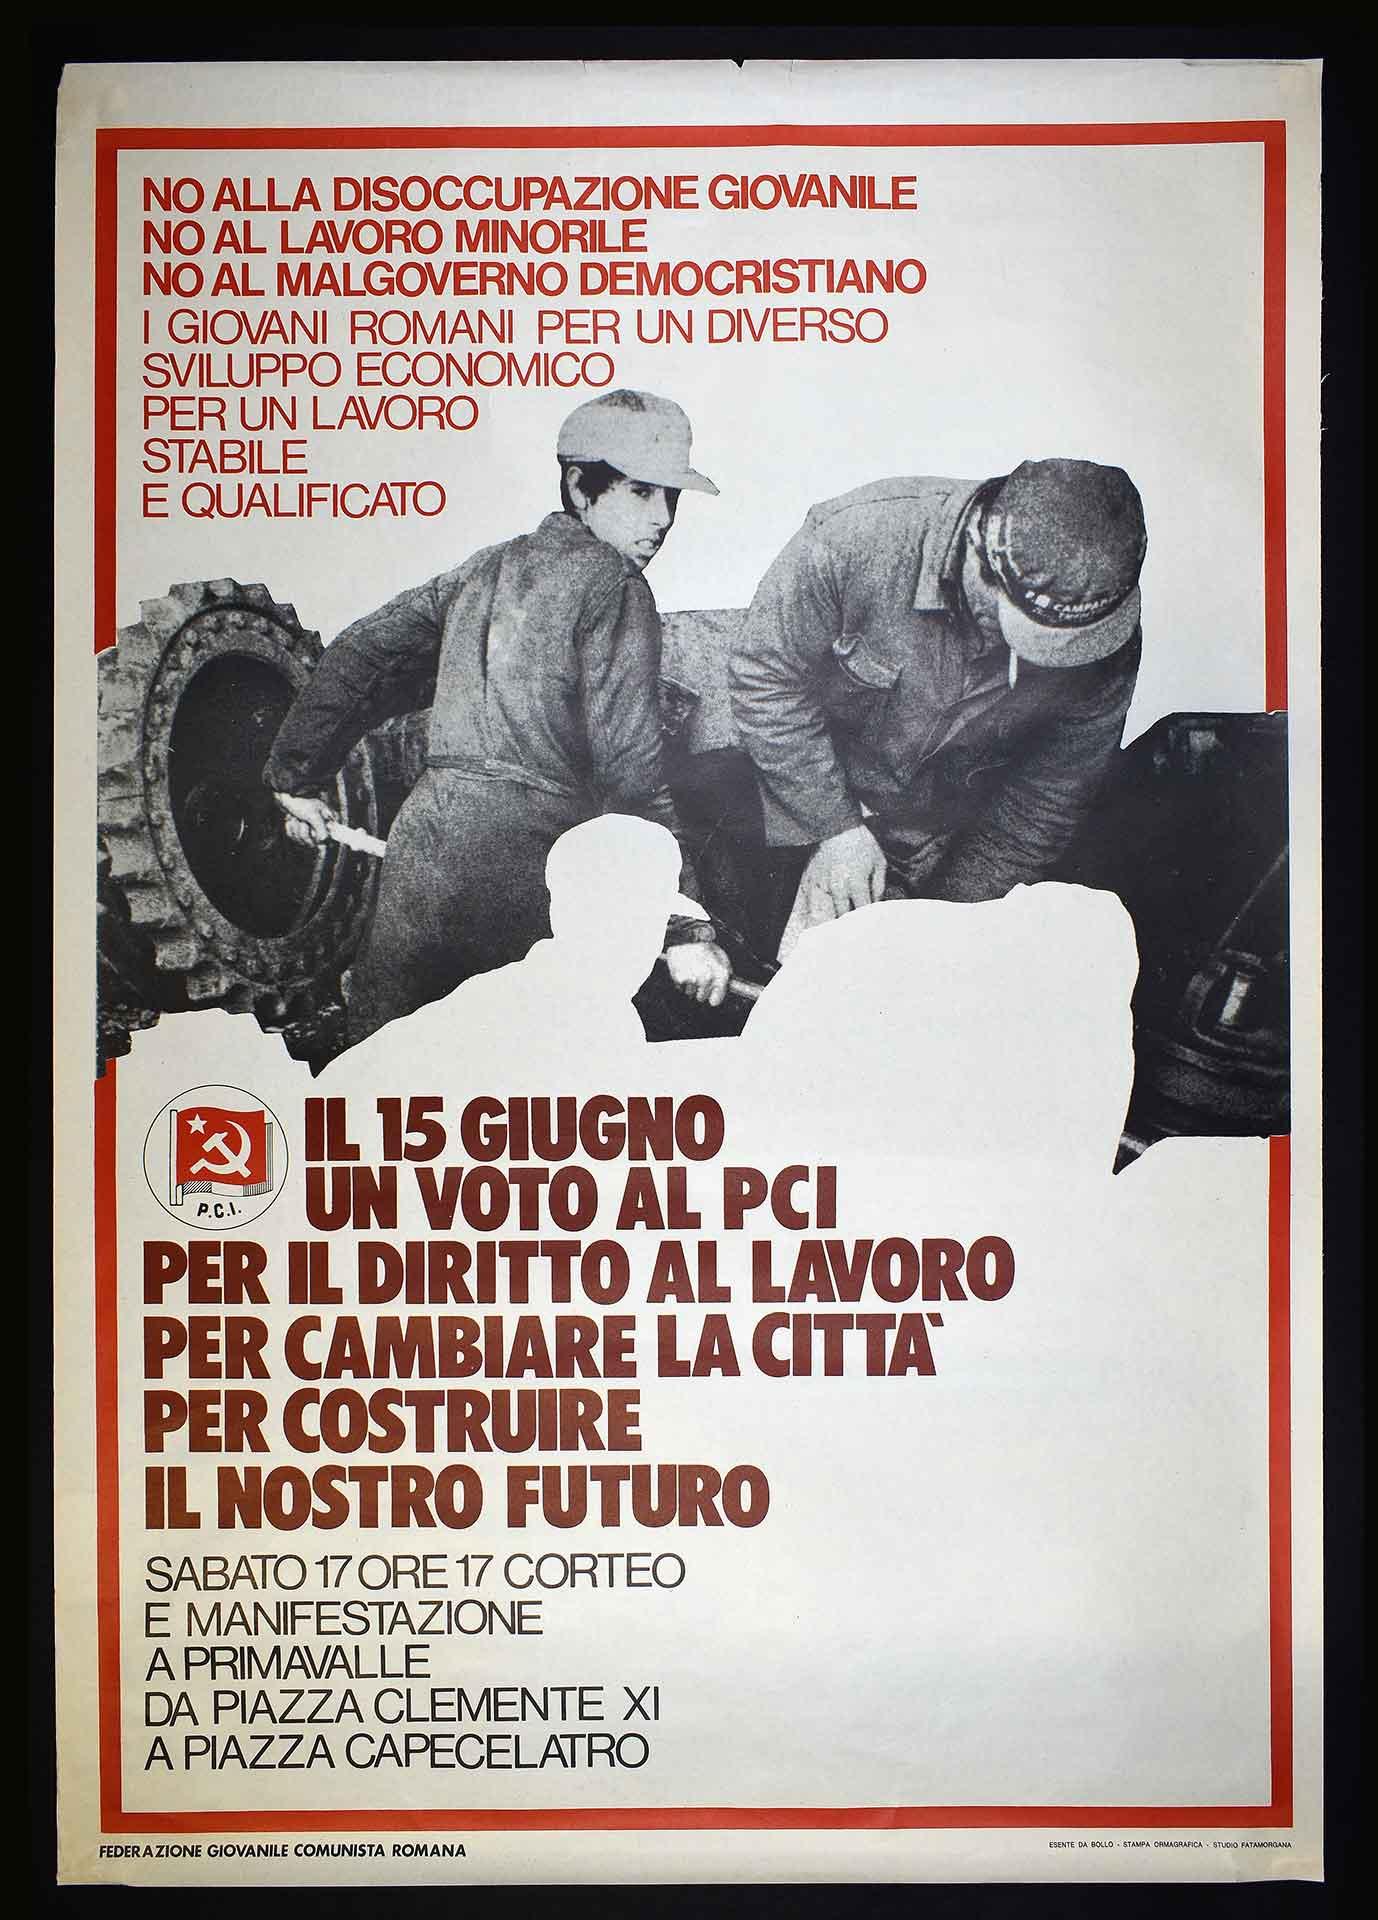 La Federazione giovanile comunista romana (FGCR) per le elezioni amministrative a Roma. Le elezioni comunali del 1976 furono vinte per la prima volta dal dopoguerra dalla sinistra e diventò sindaco Giulio Carlo Argan. Campagna elettorale.